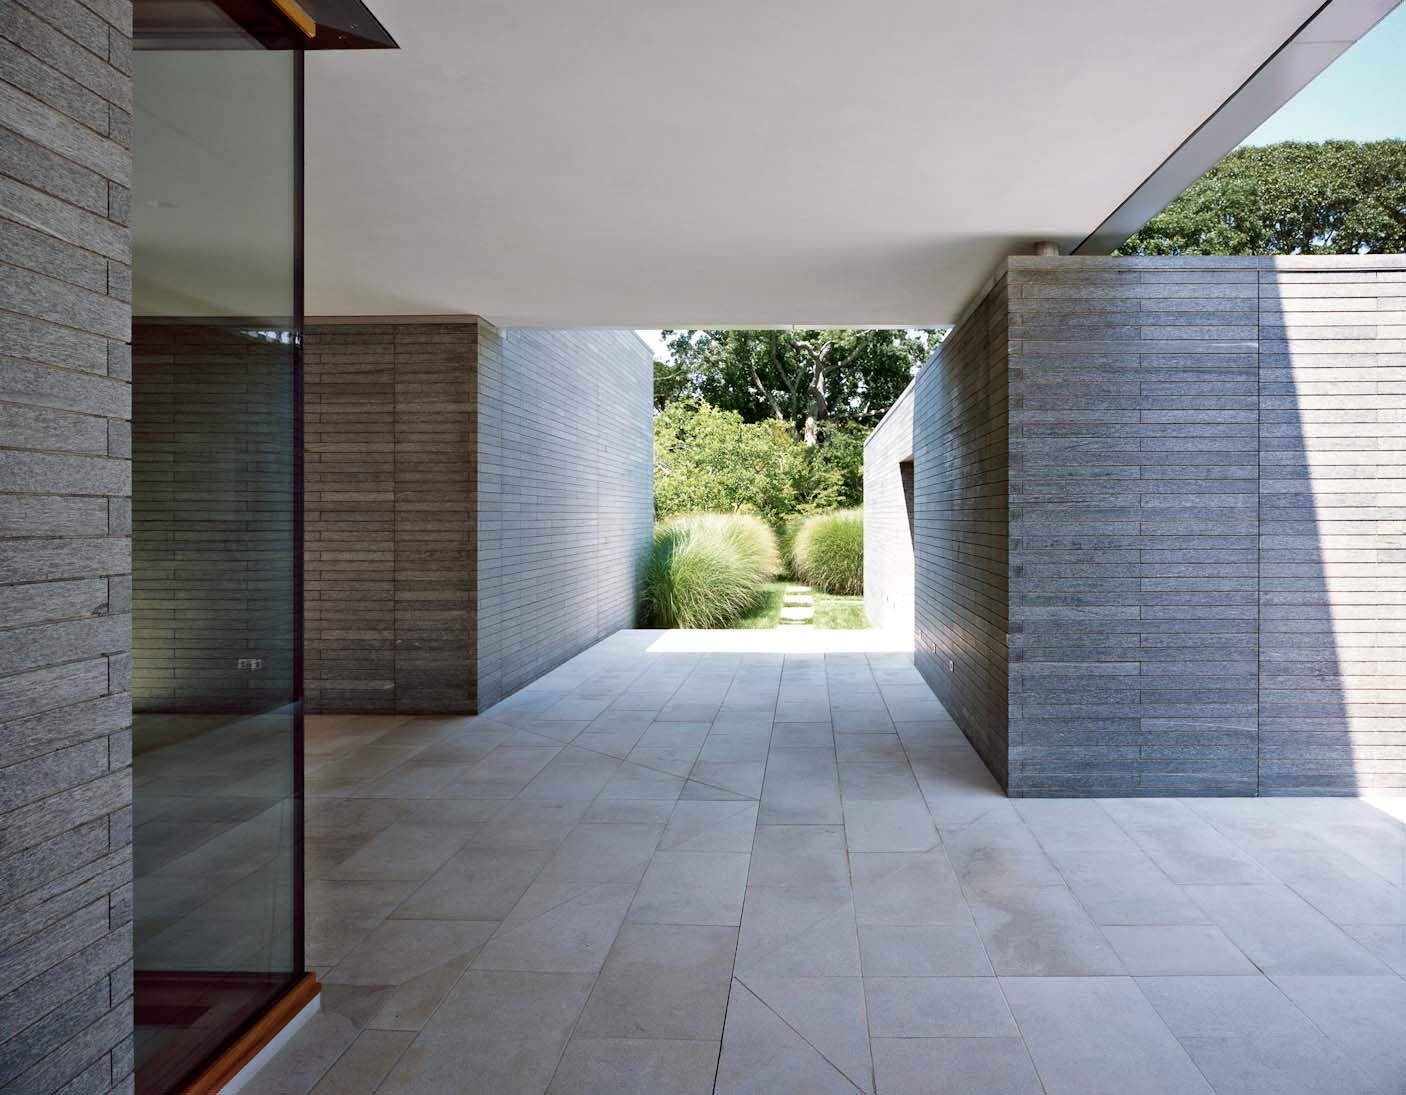 Moderne wohnarchitektur pin von vanessa auf chitecture  pinterest